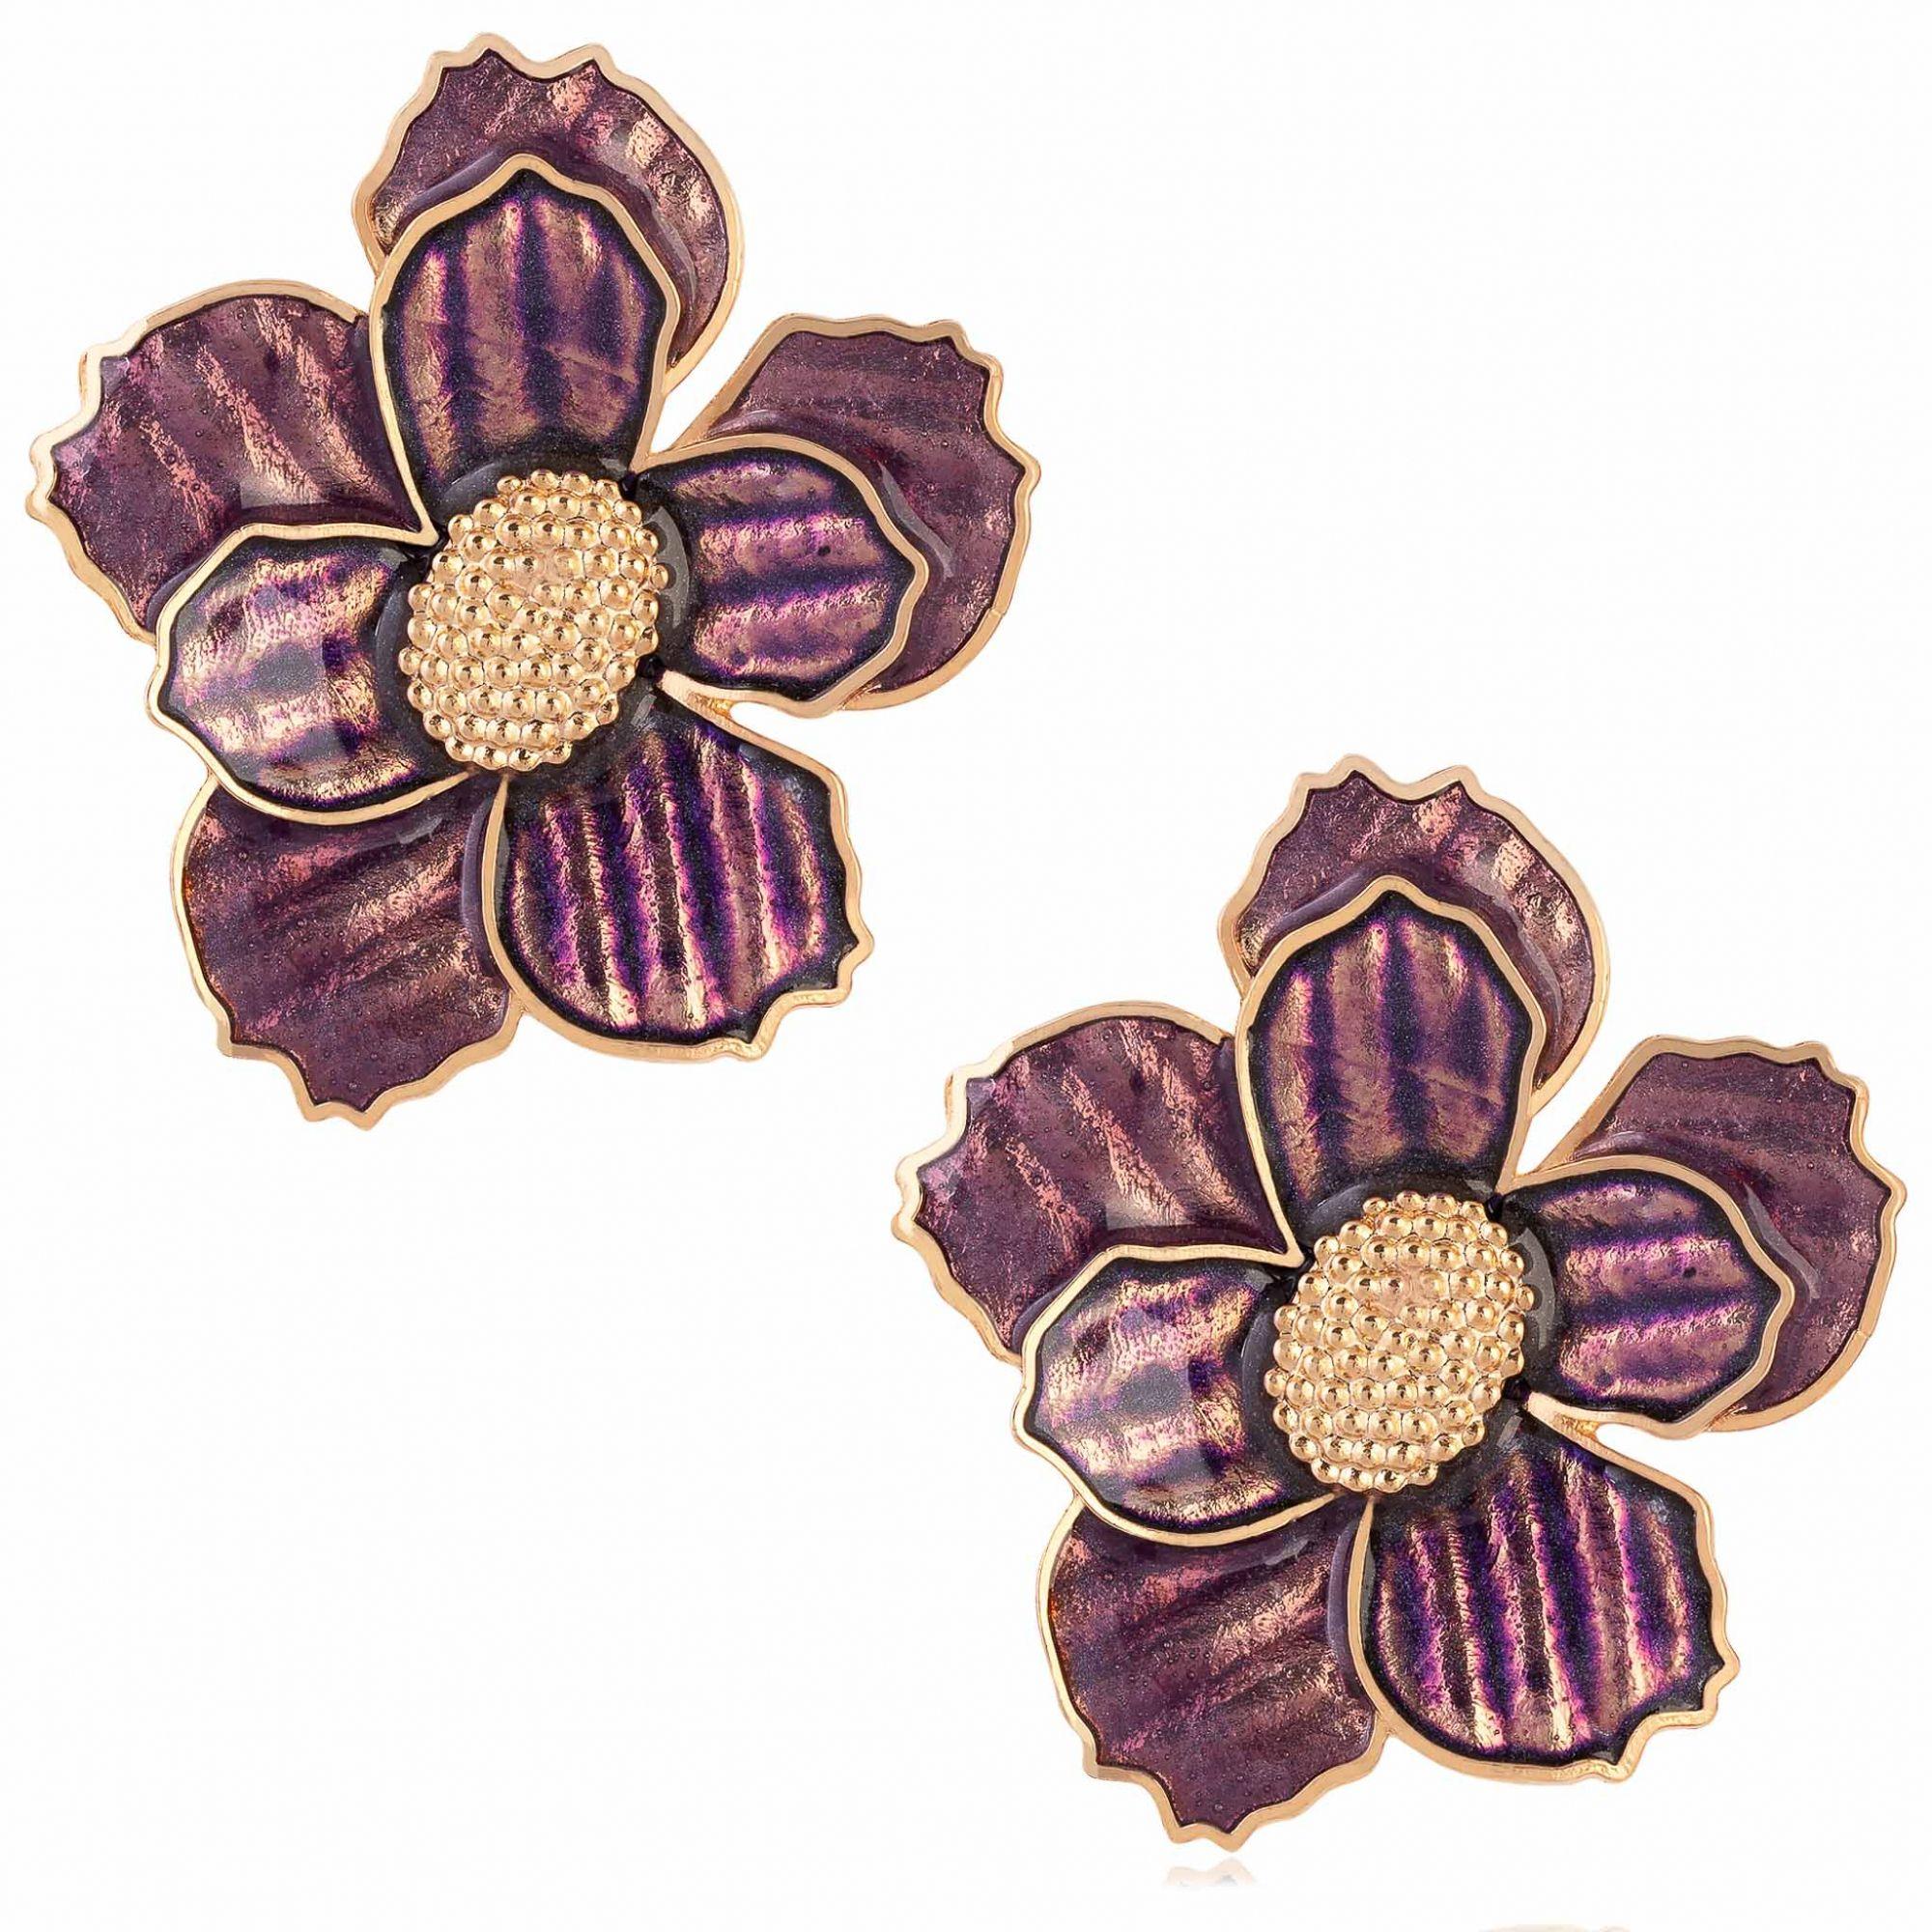 Brinco de flor banhado a ouro 18k com aplique resinado em tons de fucsia.  - bfdecor.com.br